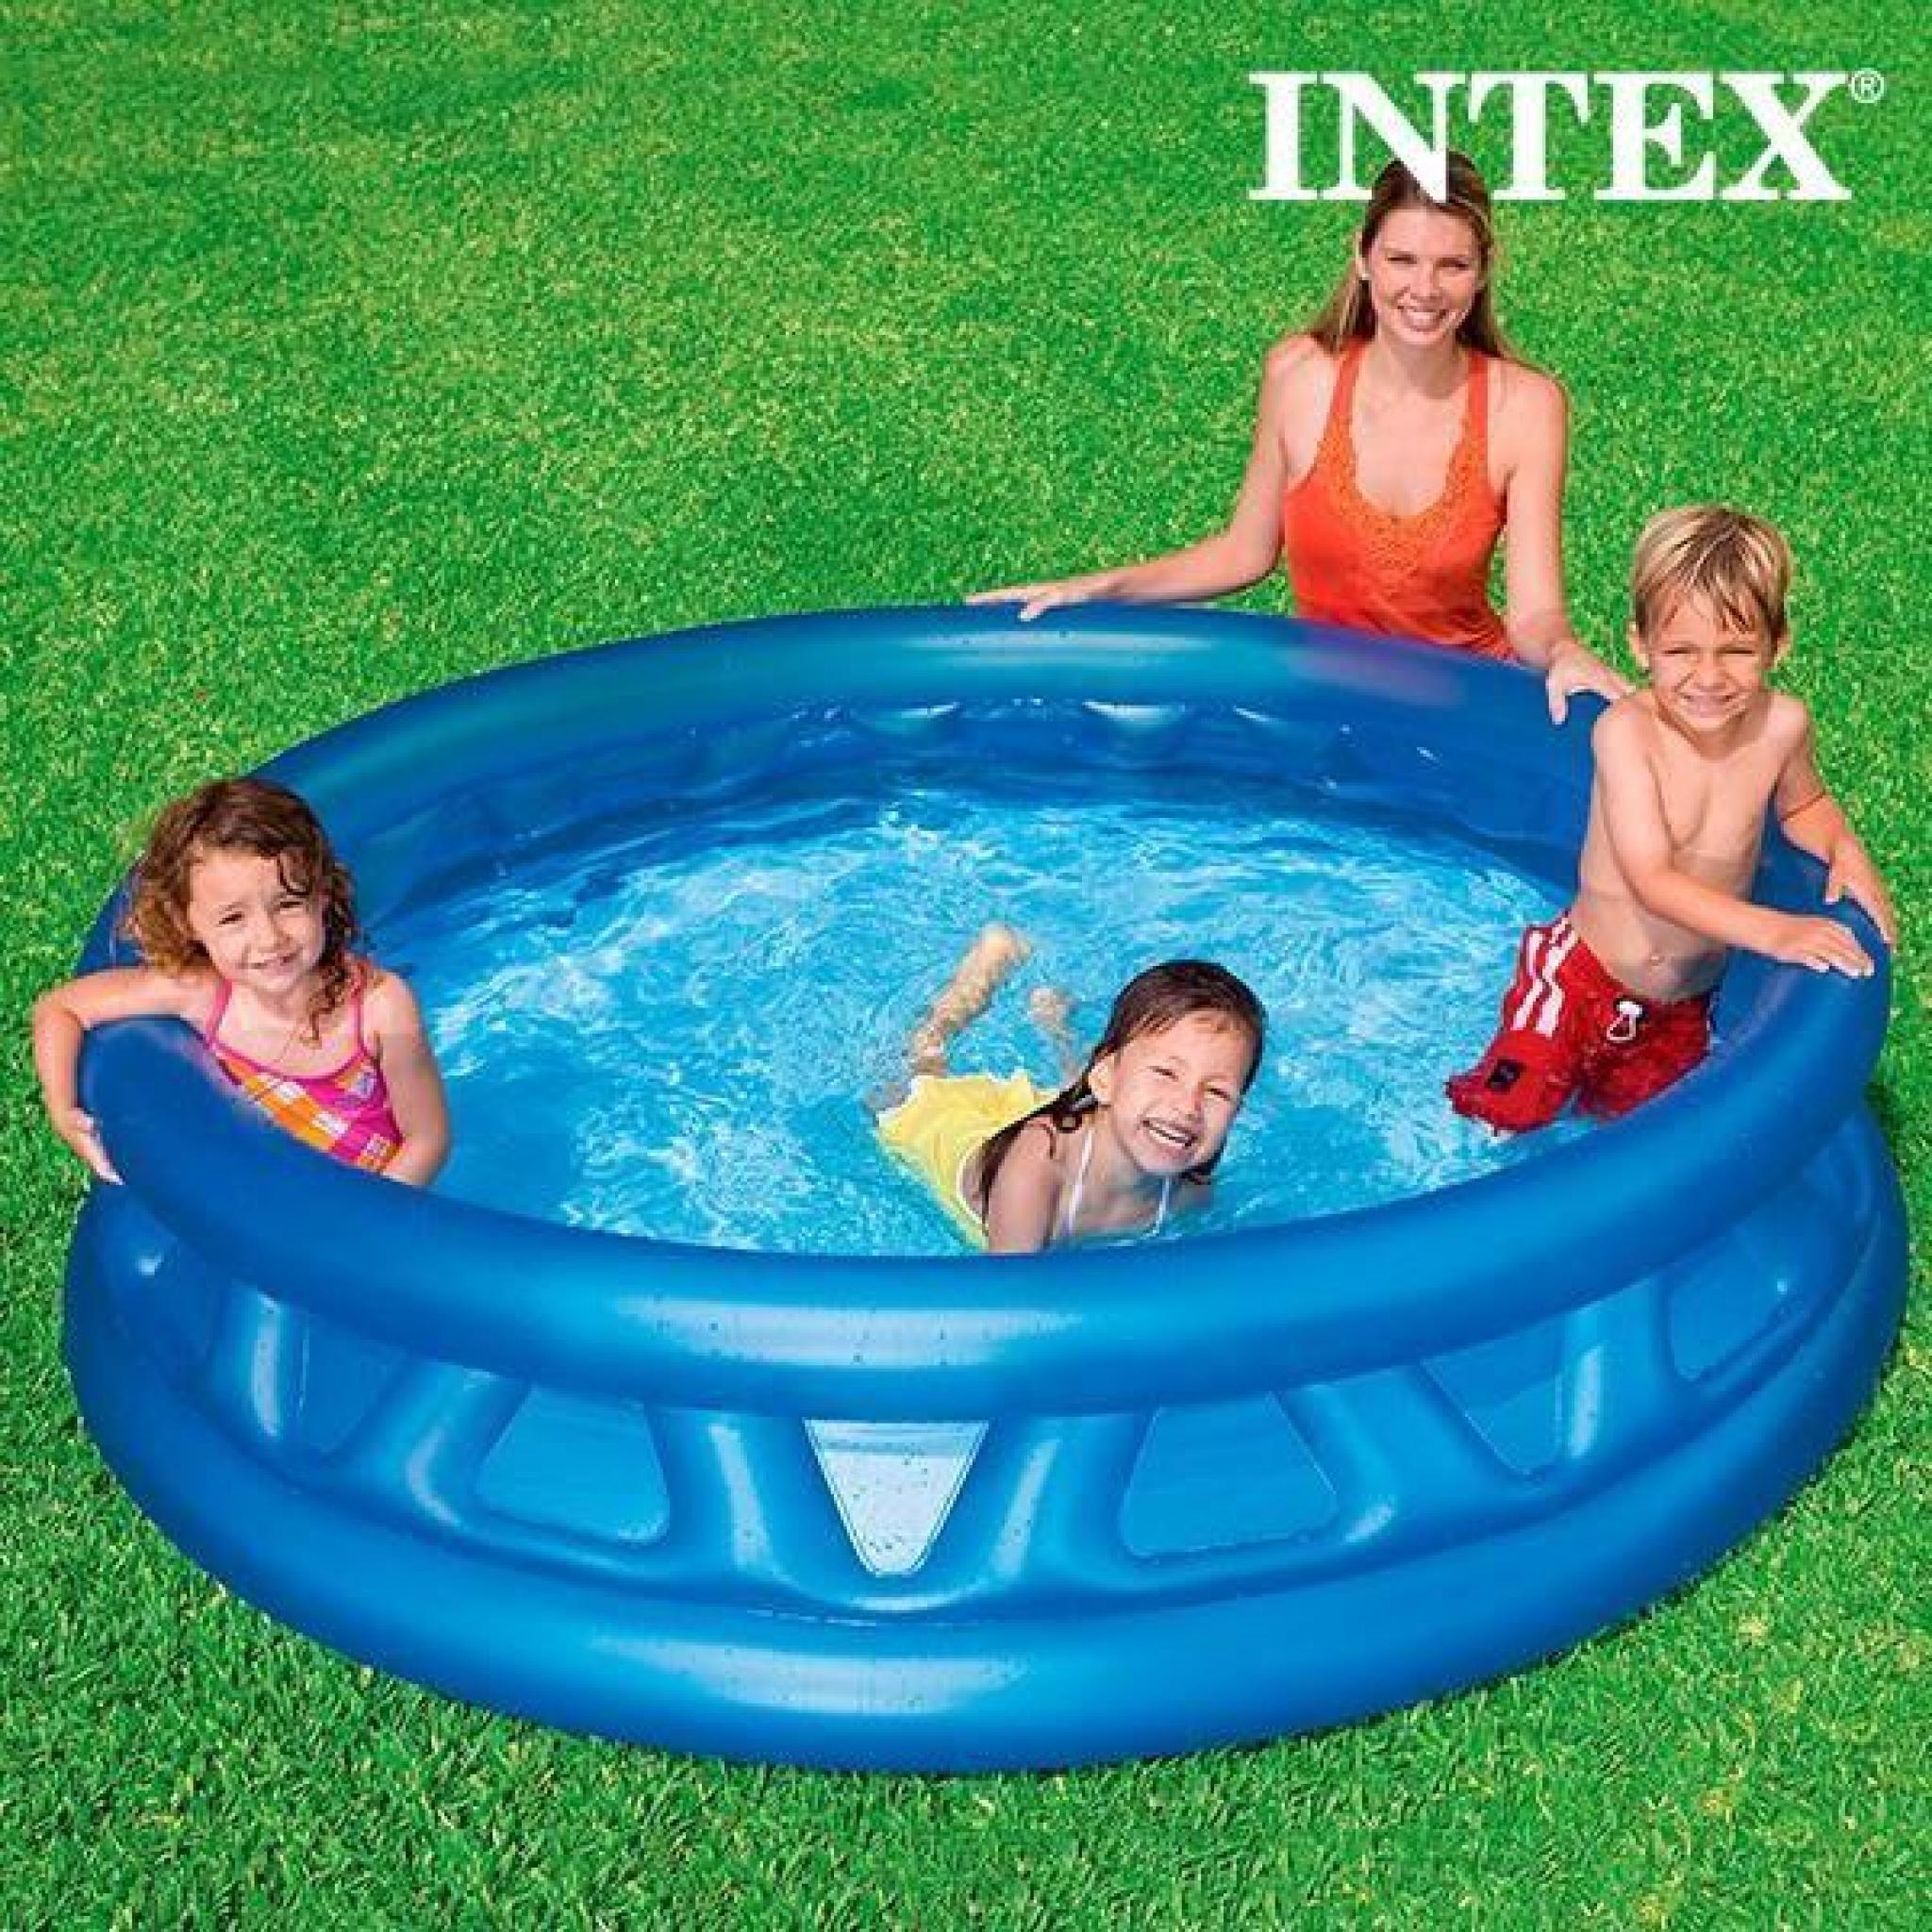 Piscine Gonflable Pour Enfants Intex (Ø 188 Cm) concernant Piscine Enfant Pas Cher